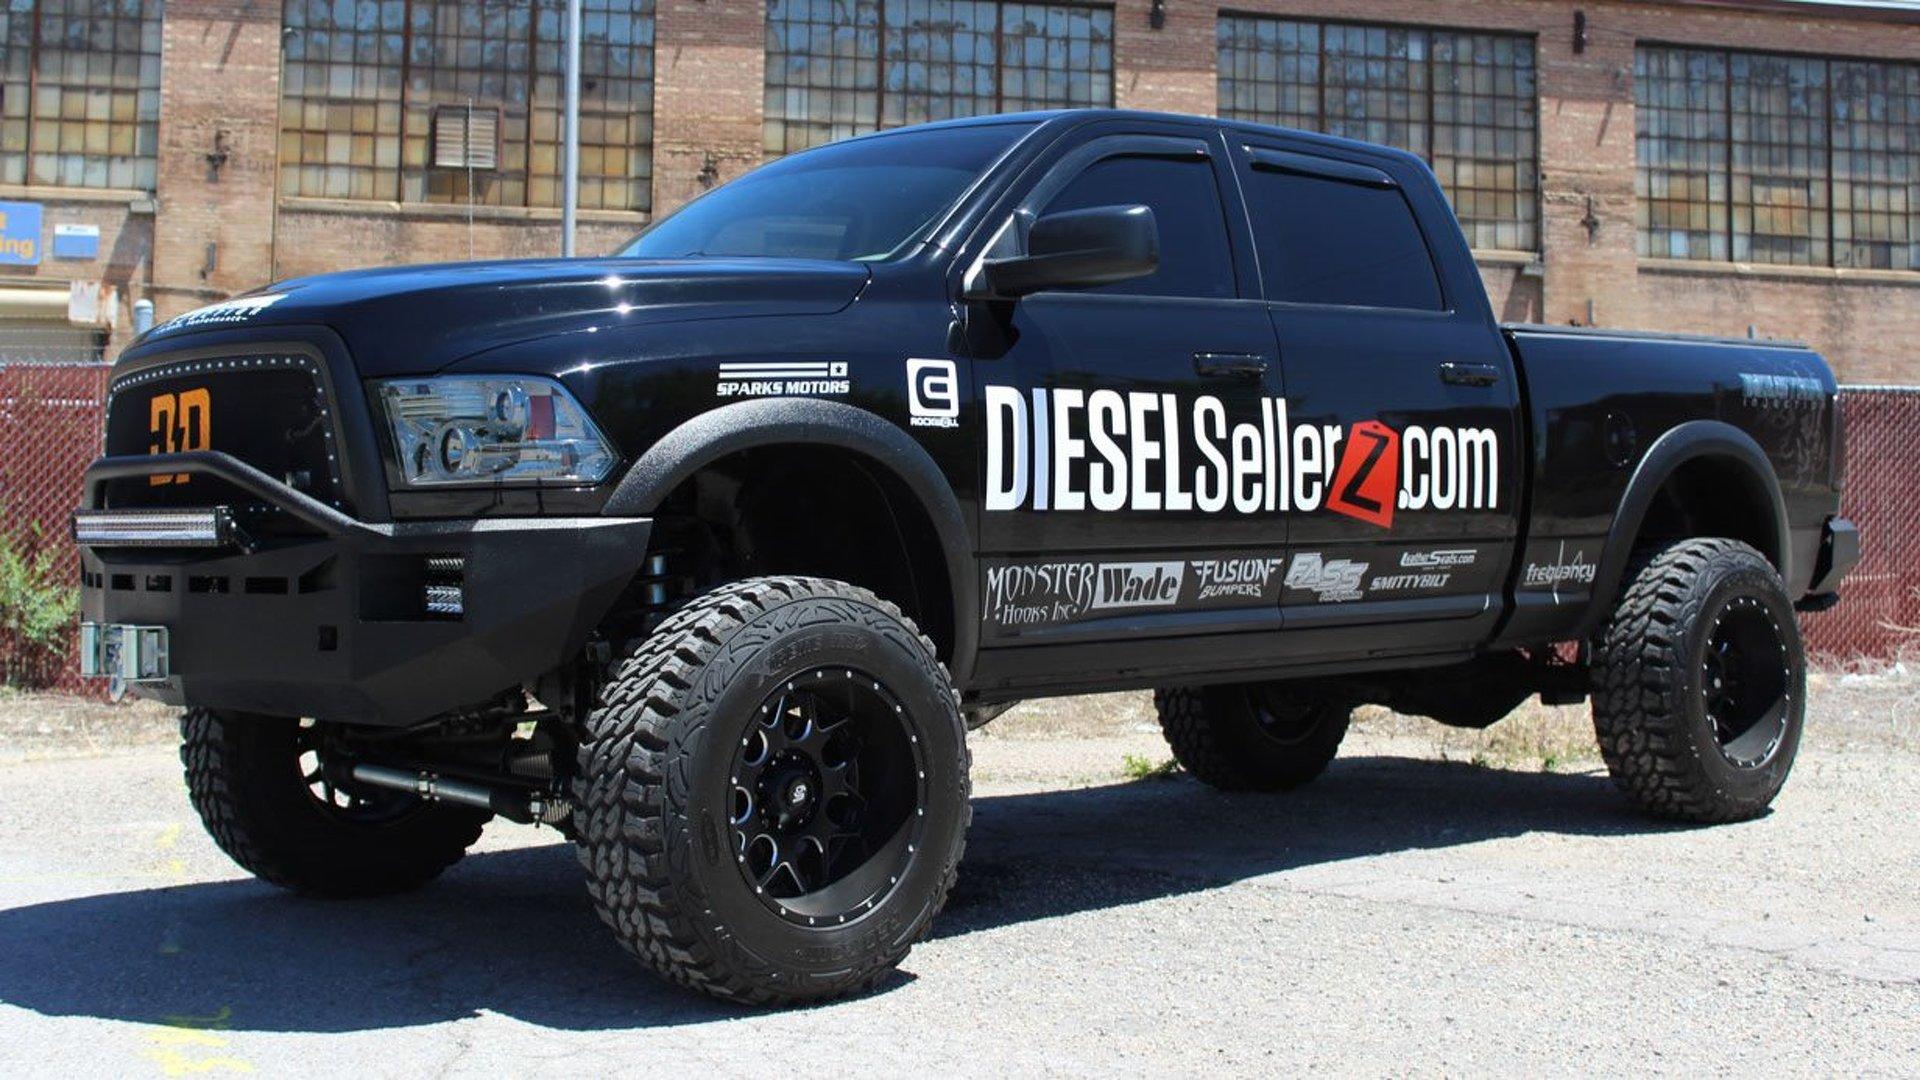 Diesel Brothers Website